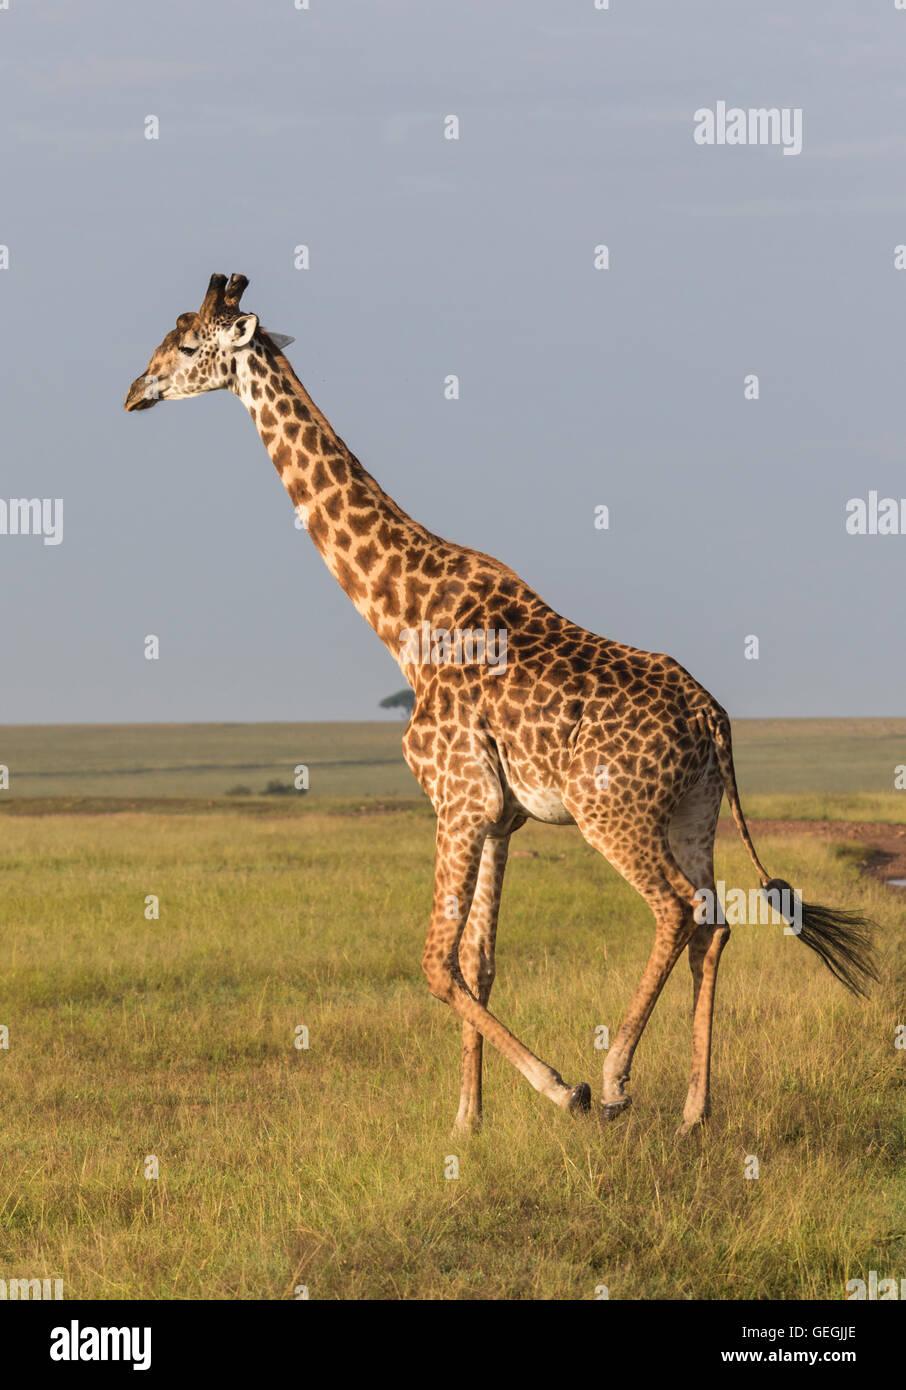 Giraffe in nice warm light walking on the savanna in Masai Mara, Kenya, Africa Stock Photo